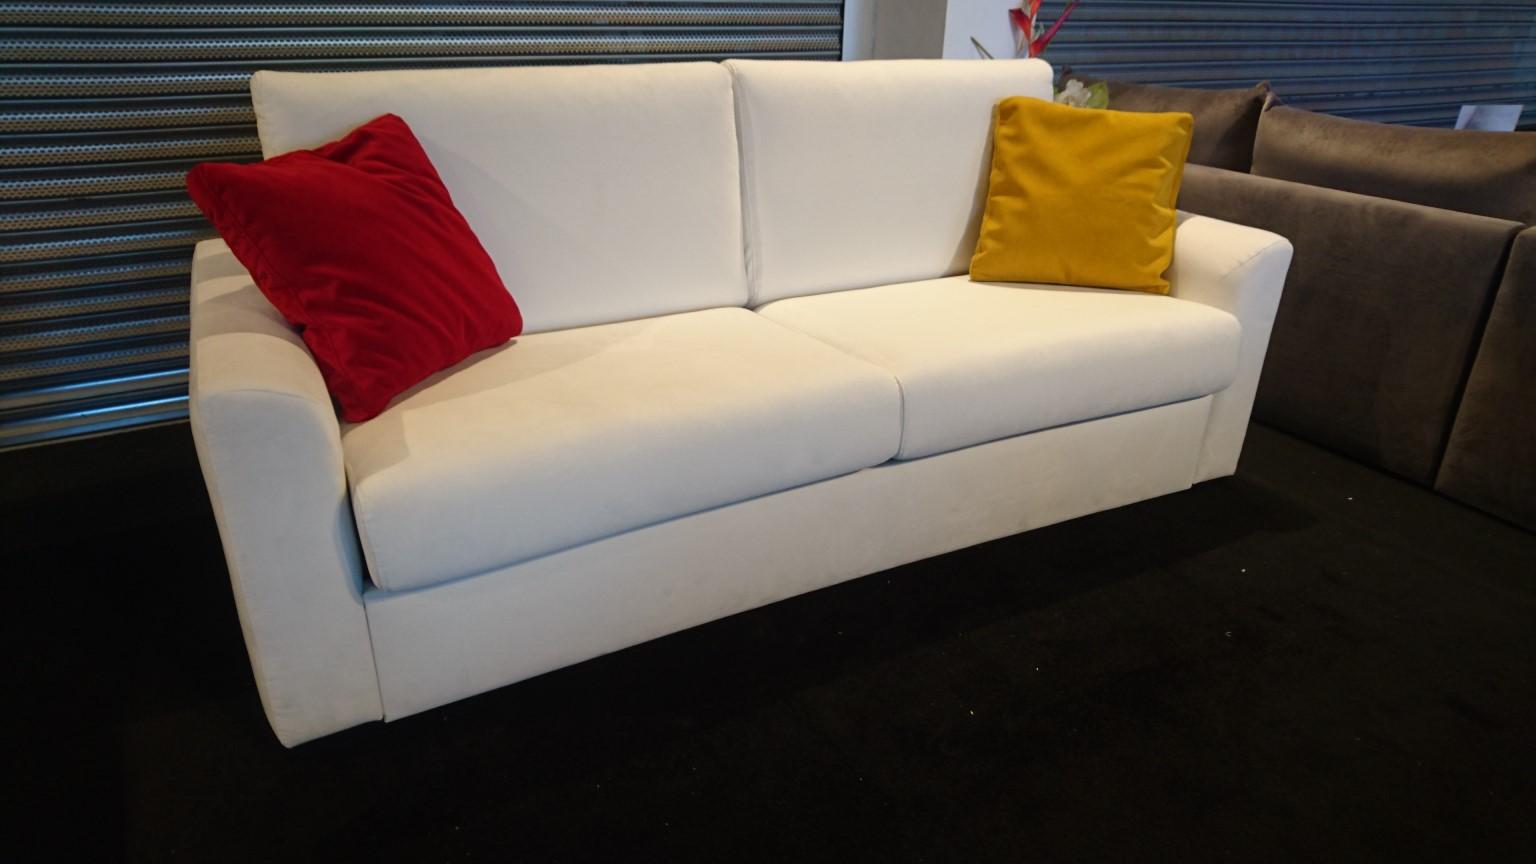 ASTI EMMOHL Warszawa Meble STUDIO KOMFORT sofa rozkładanya z funkcją spania codziennego tkanina hydrofobowa DOLCE 09